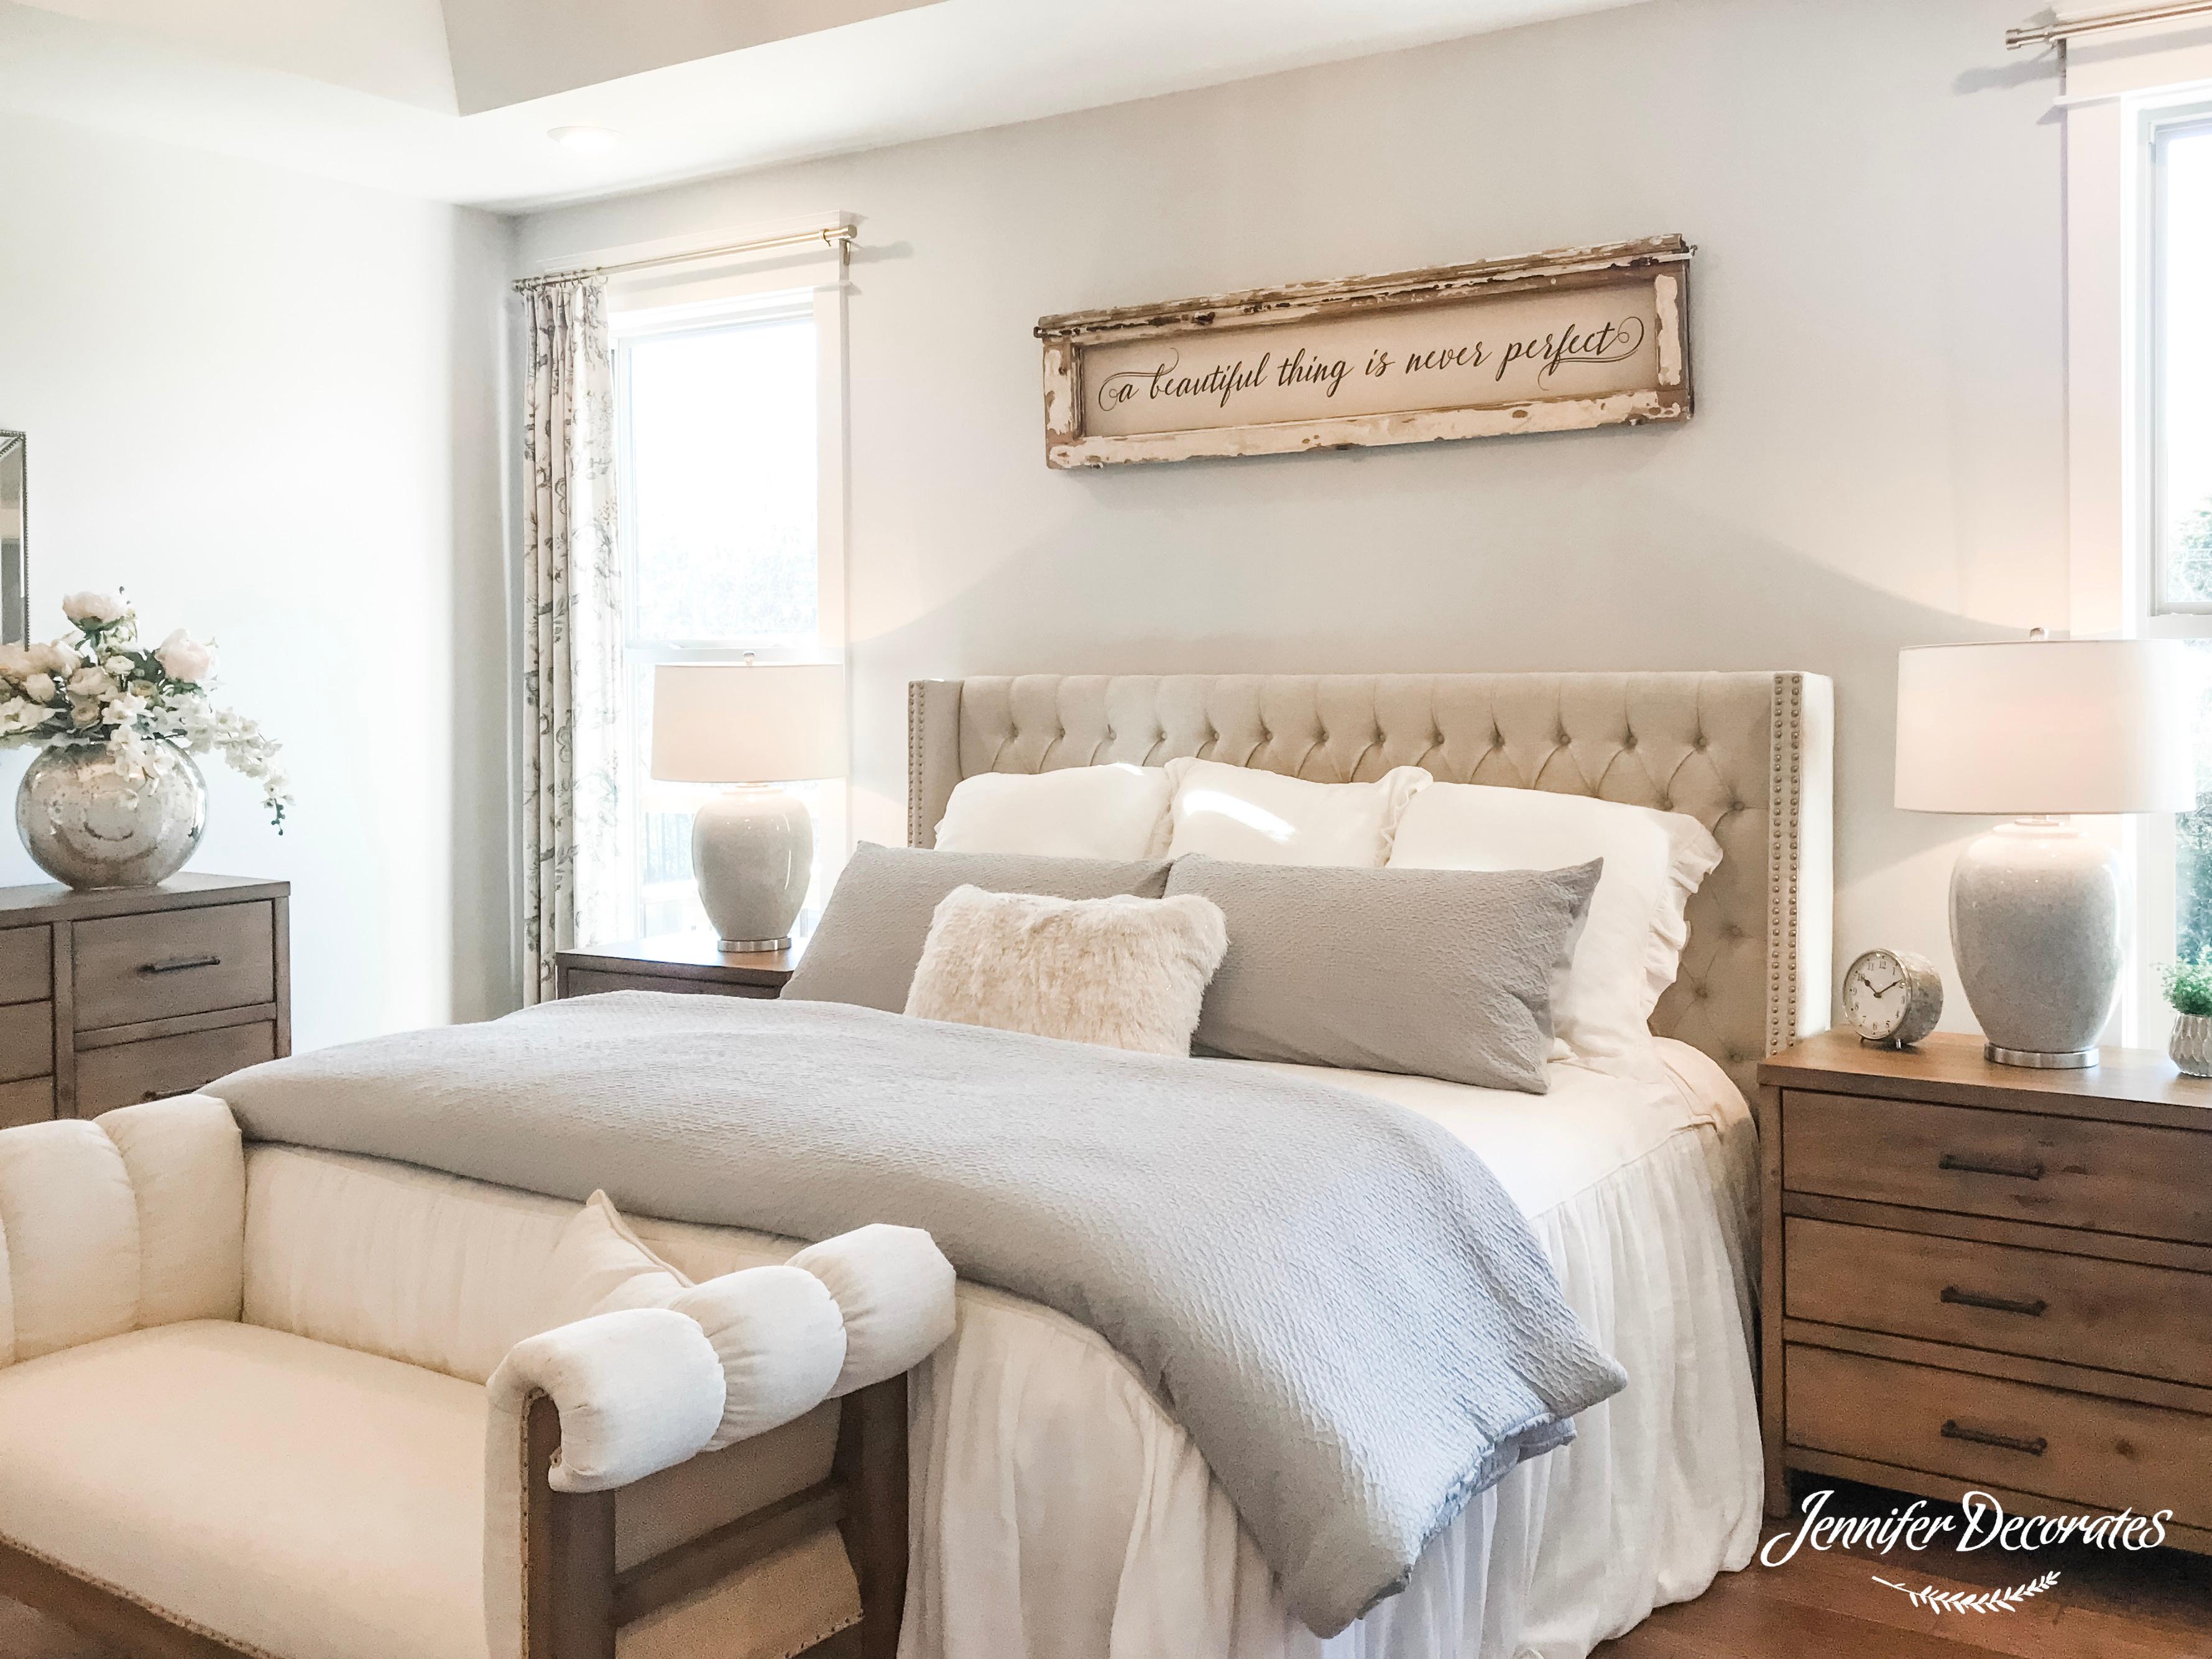 master bedroom decorating ideas rh jenniferdecorates com master bedroom decor ideas 2017 master bedroom decor ideas 2018